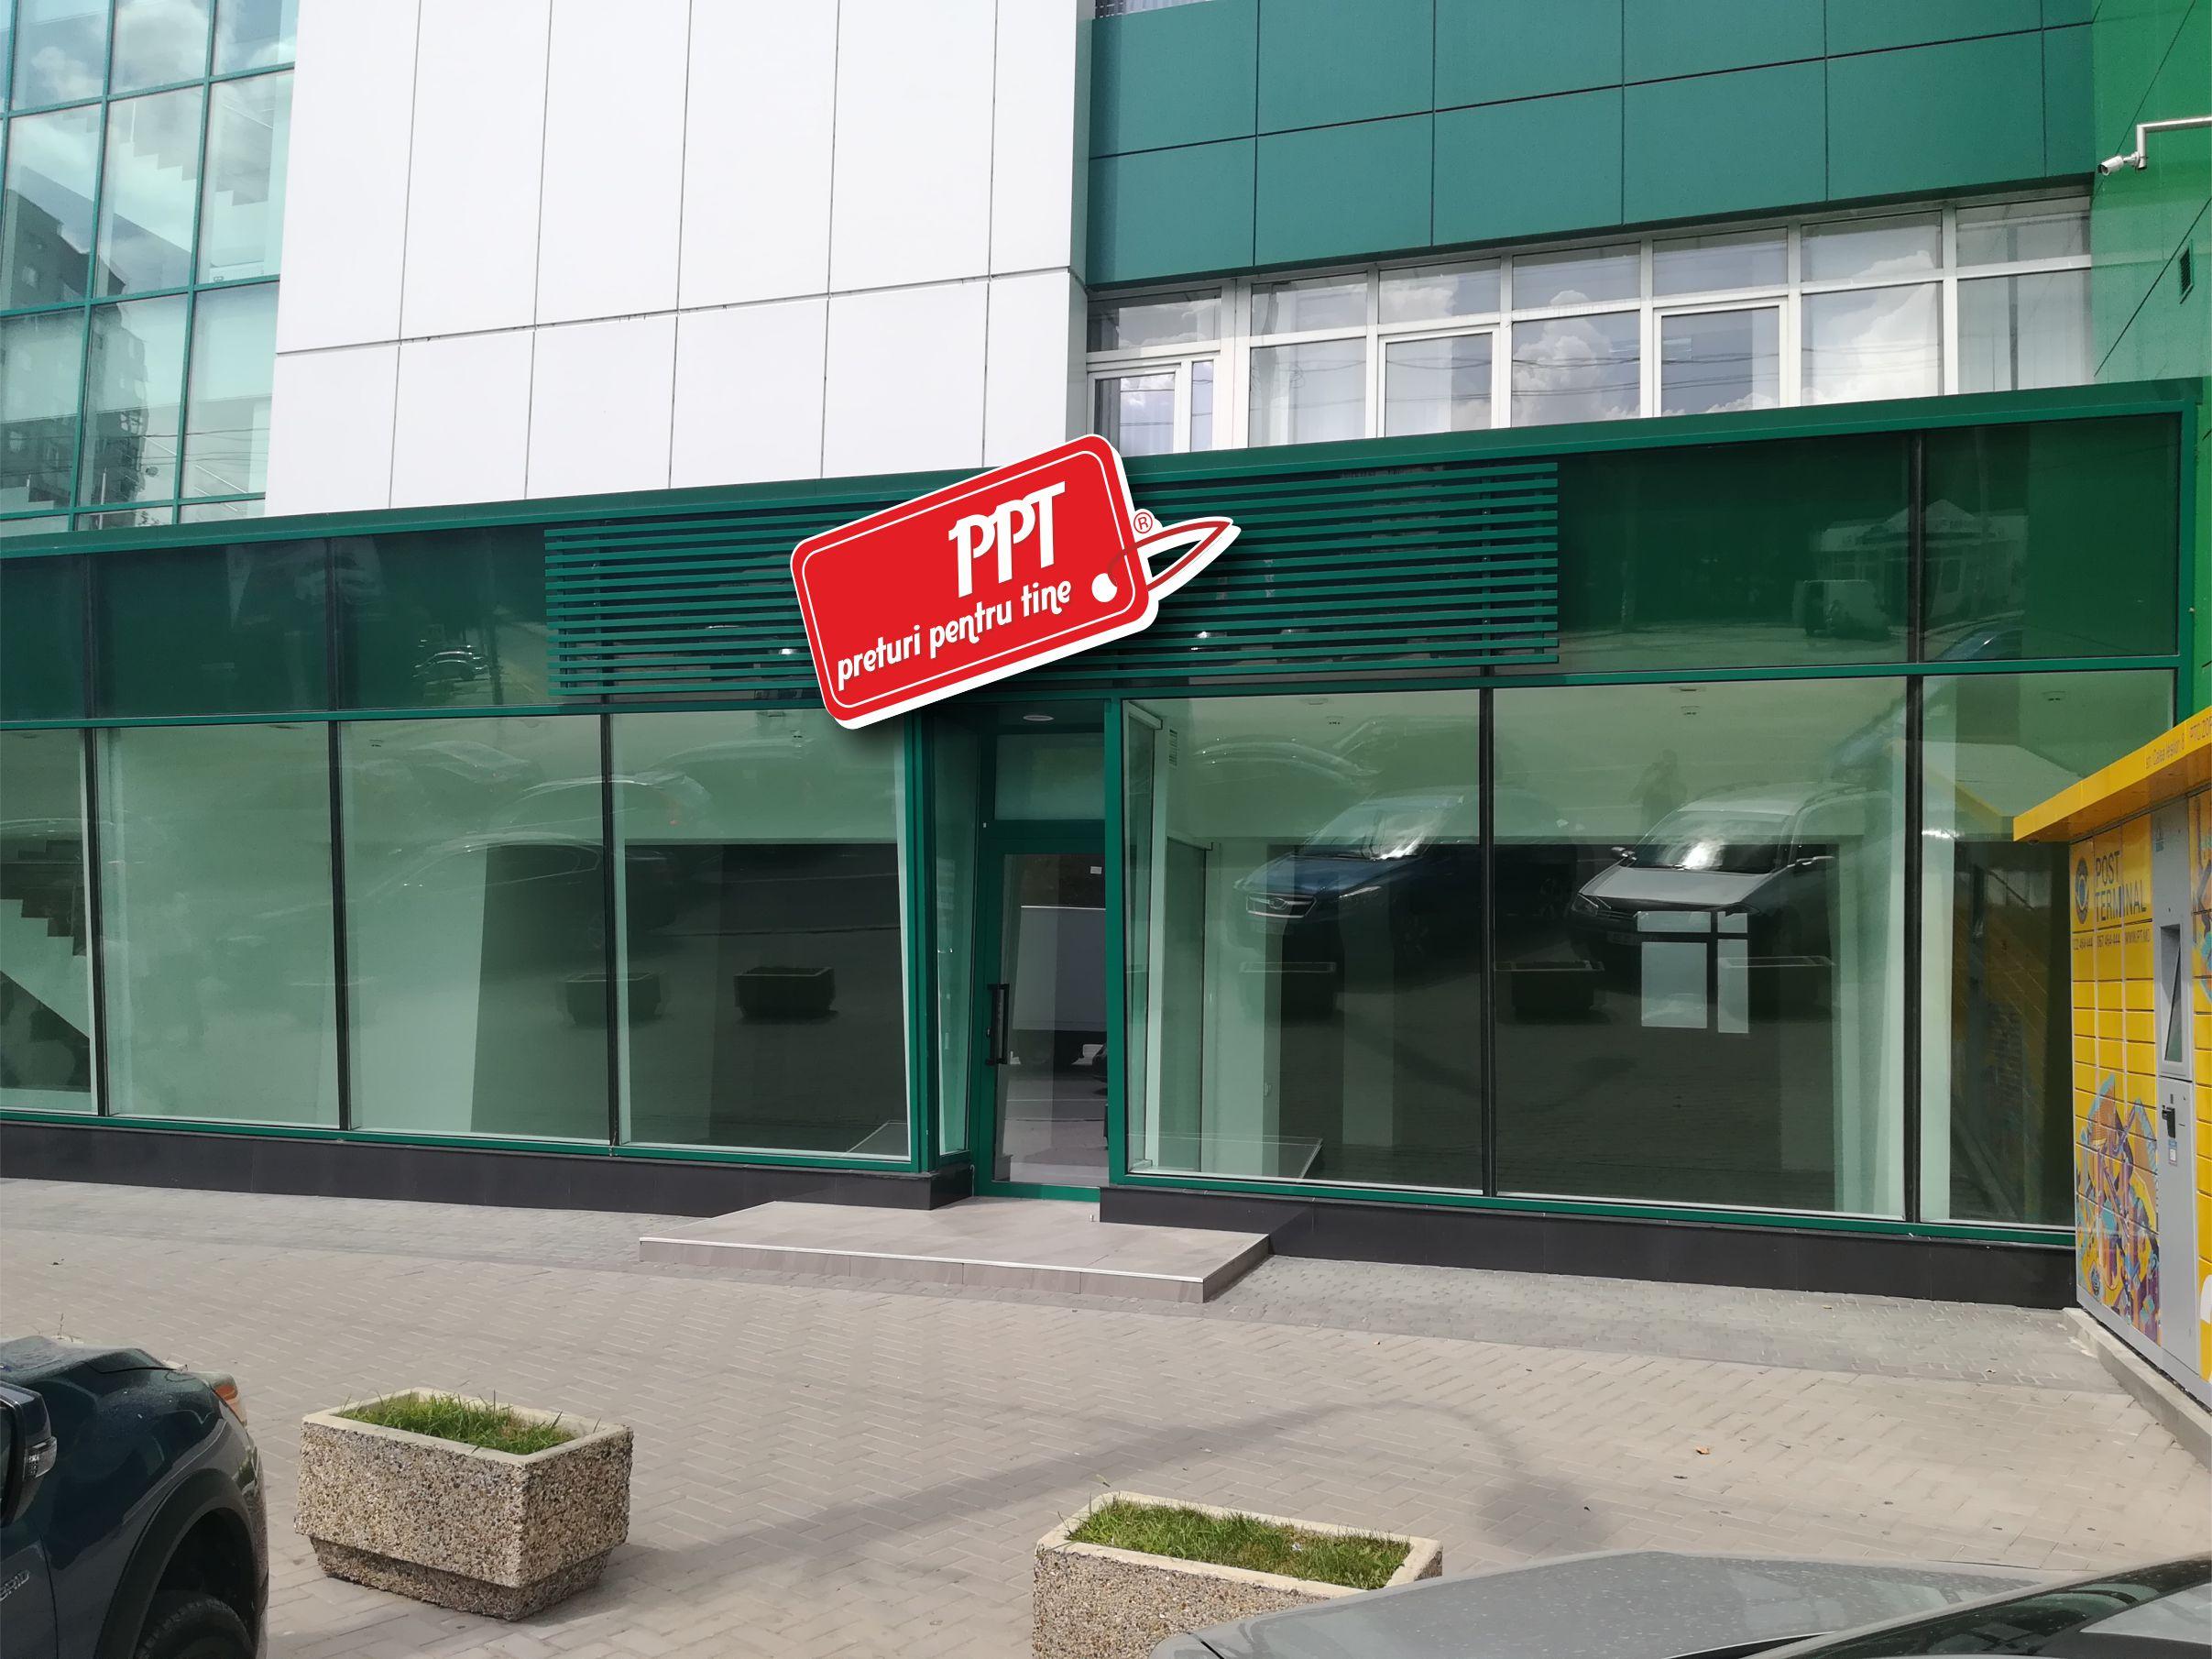 PPT Chișinău -Calea Iesilor